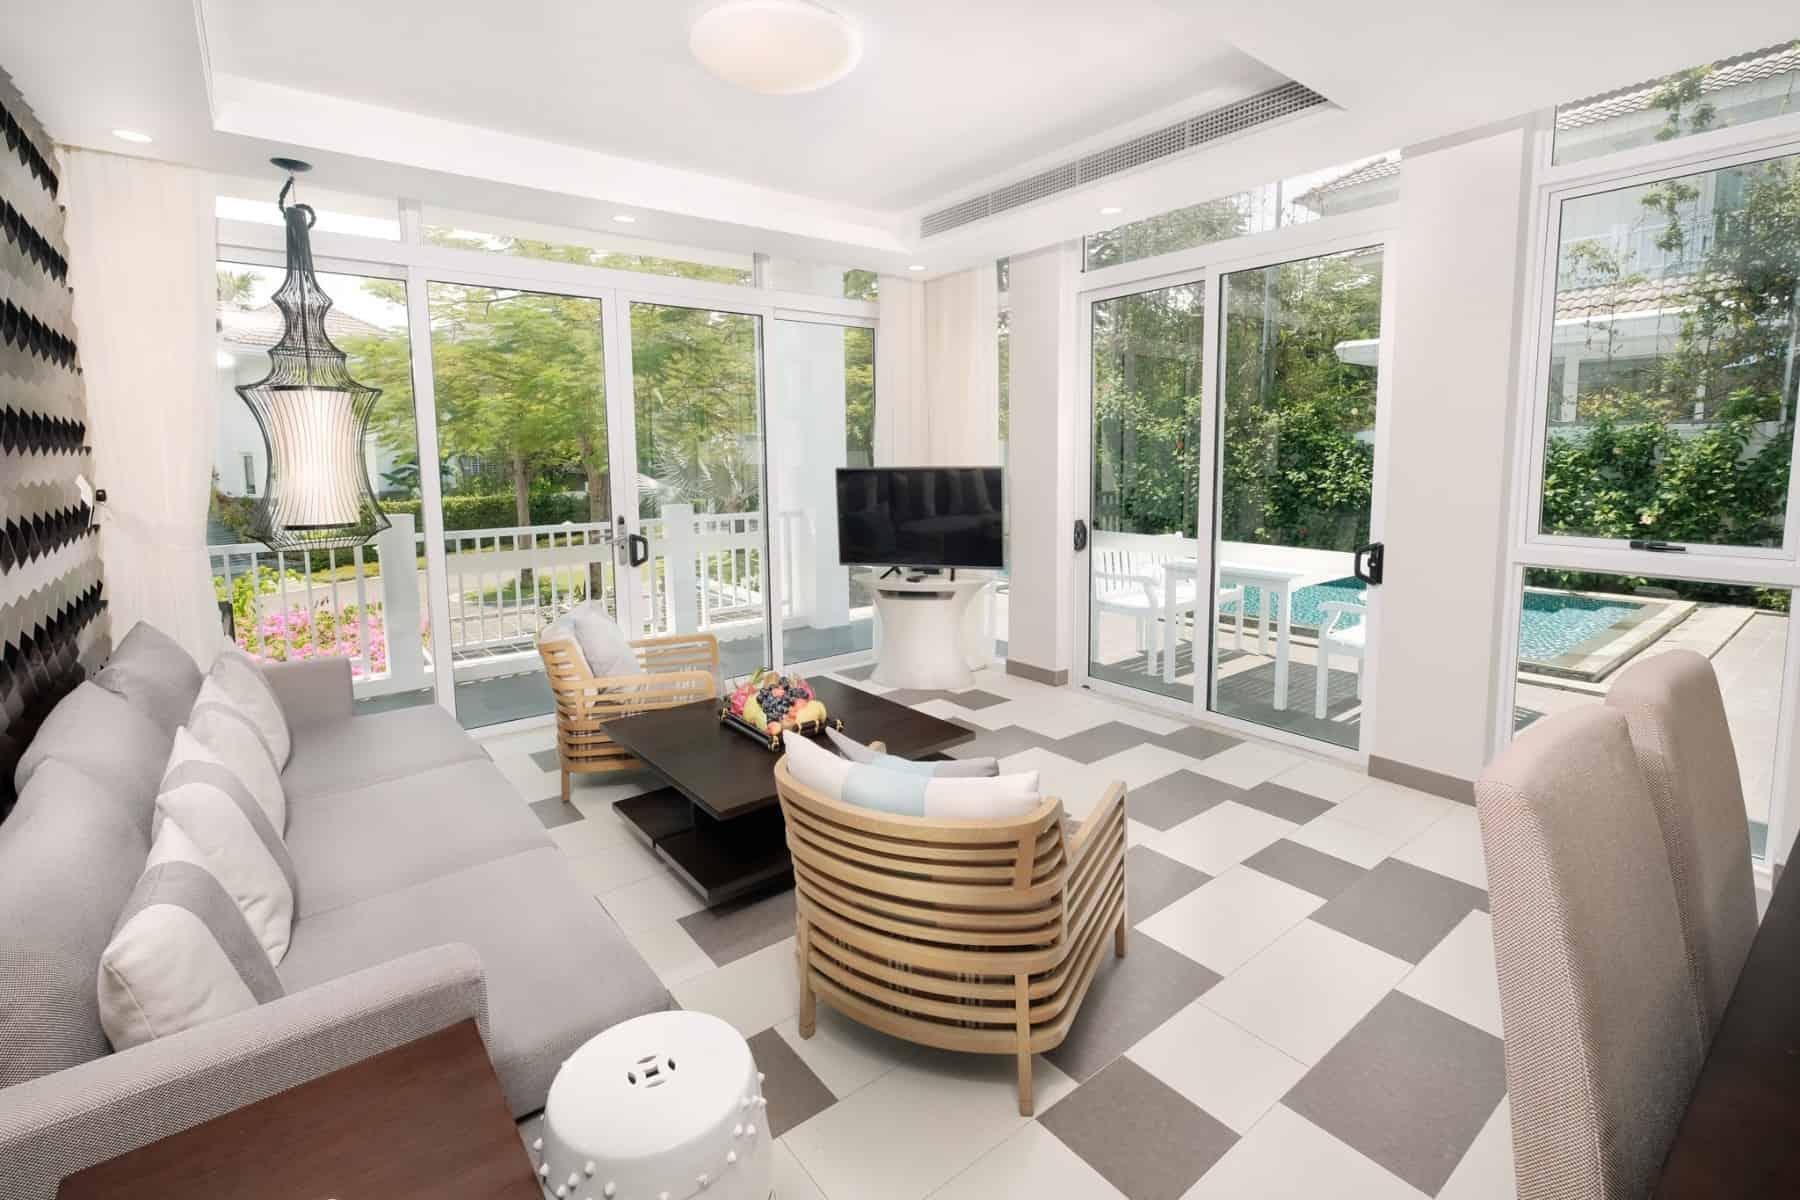 Phòng khách sang trọng, bao quanh là cửa kính để bắt trọn vẻ đẹp thiên nhiên